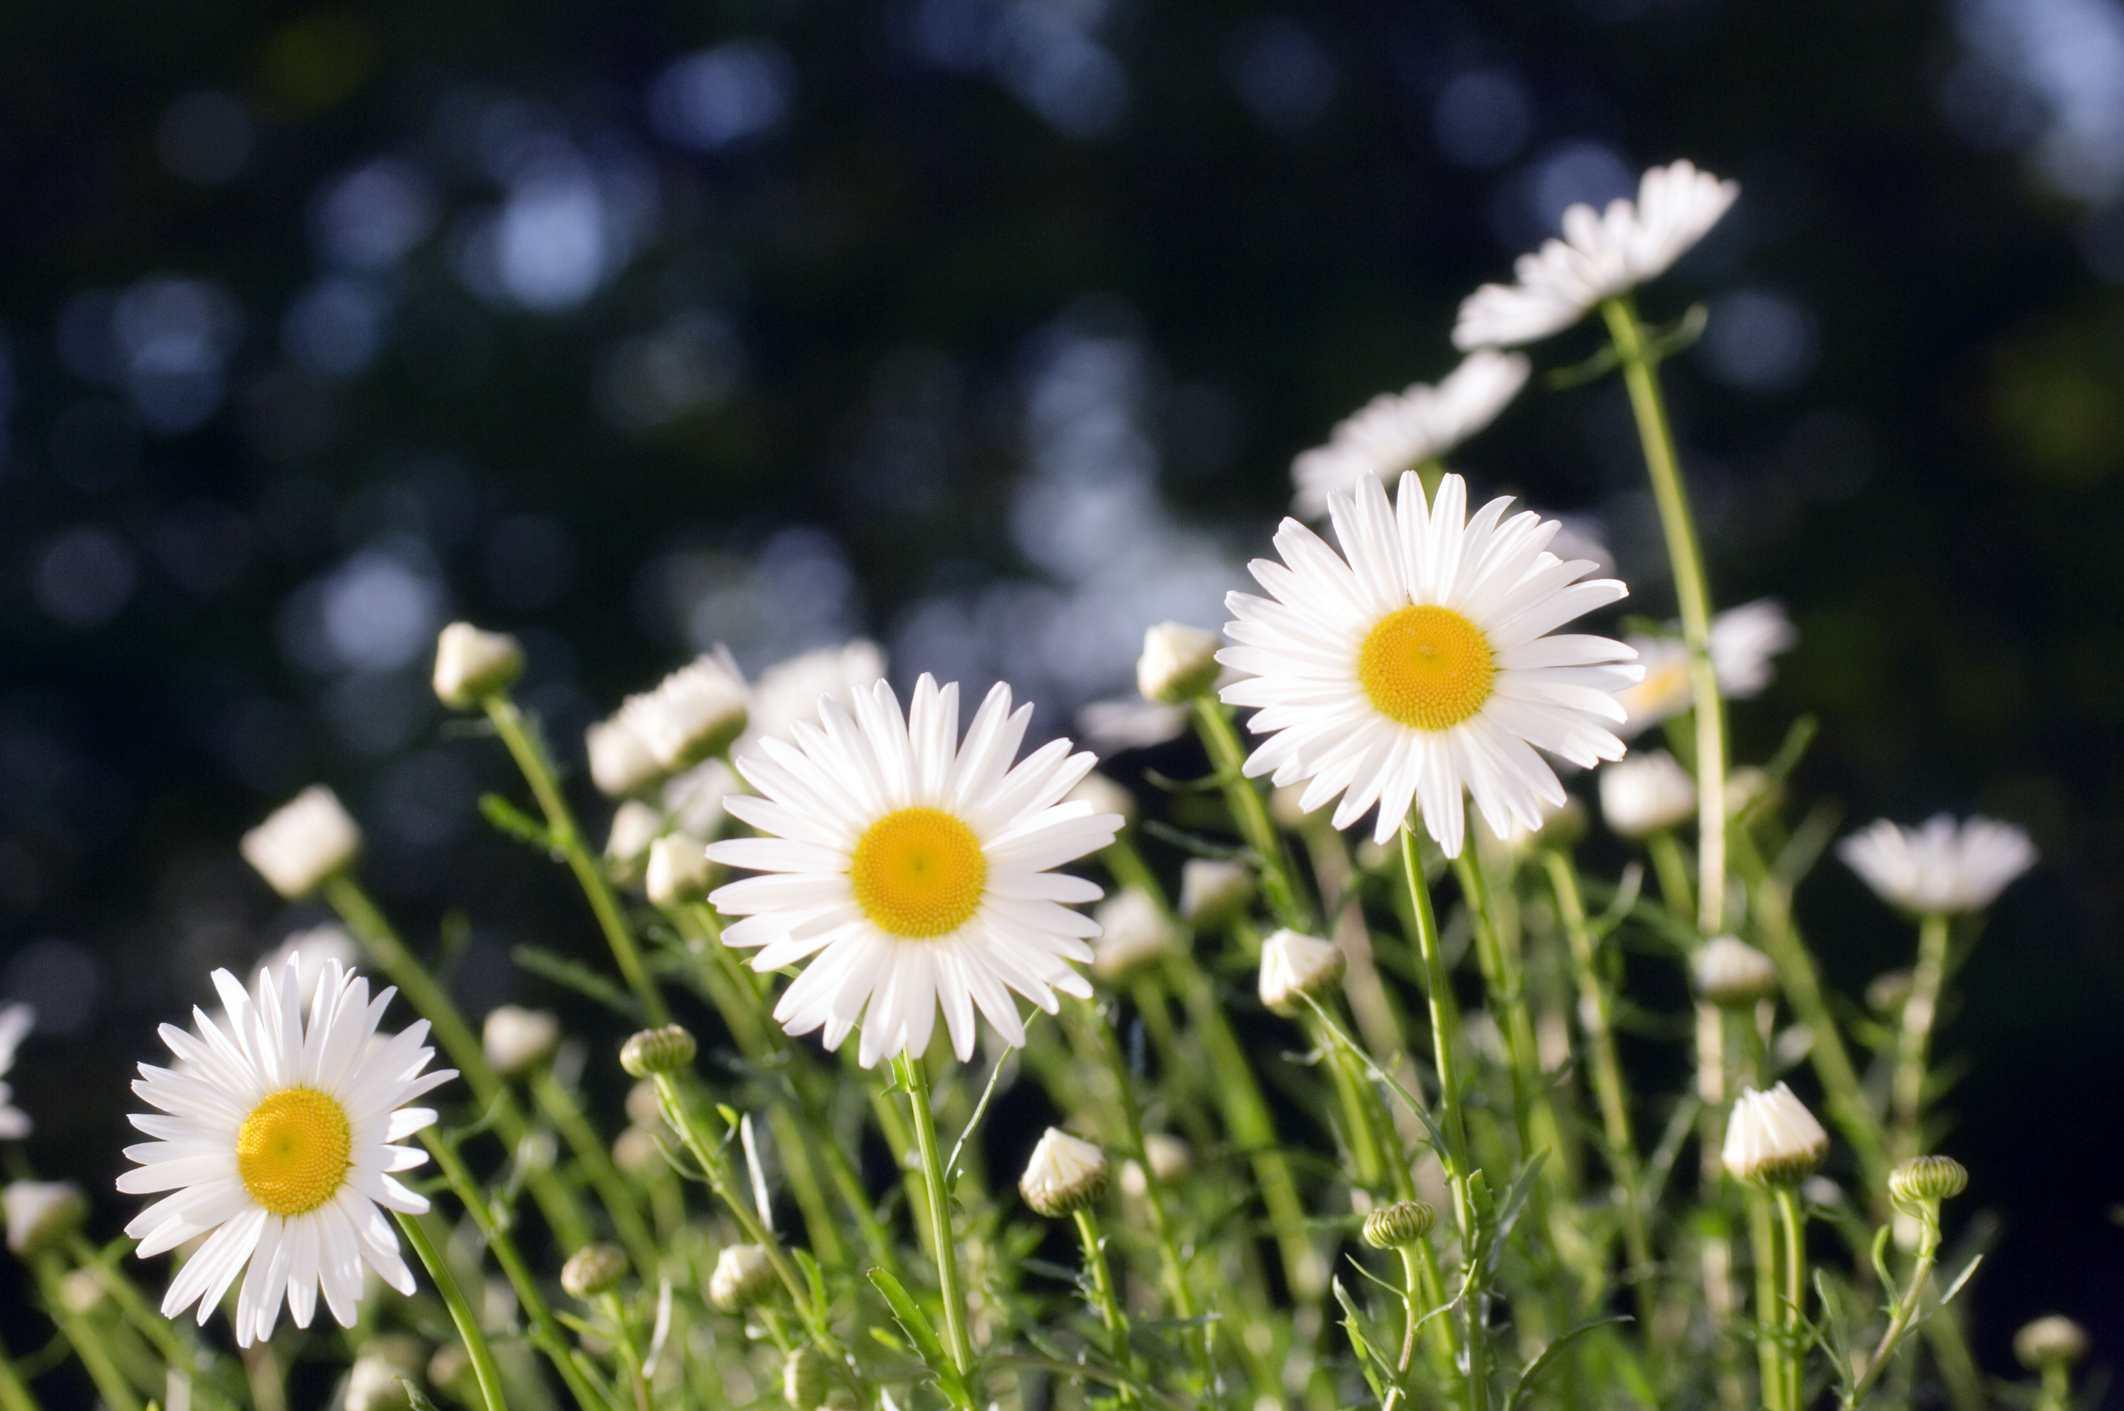 White daisies against dark background